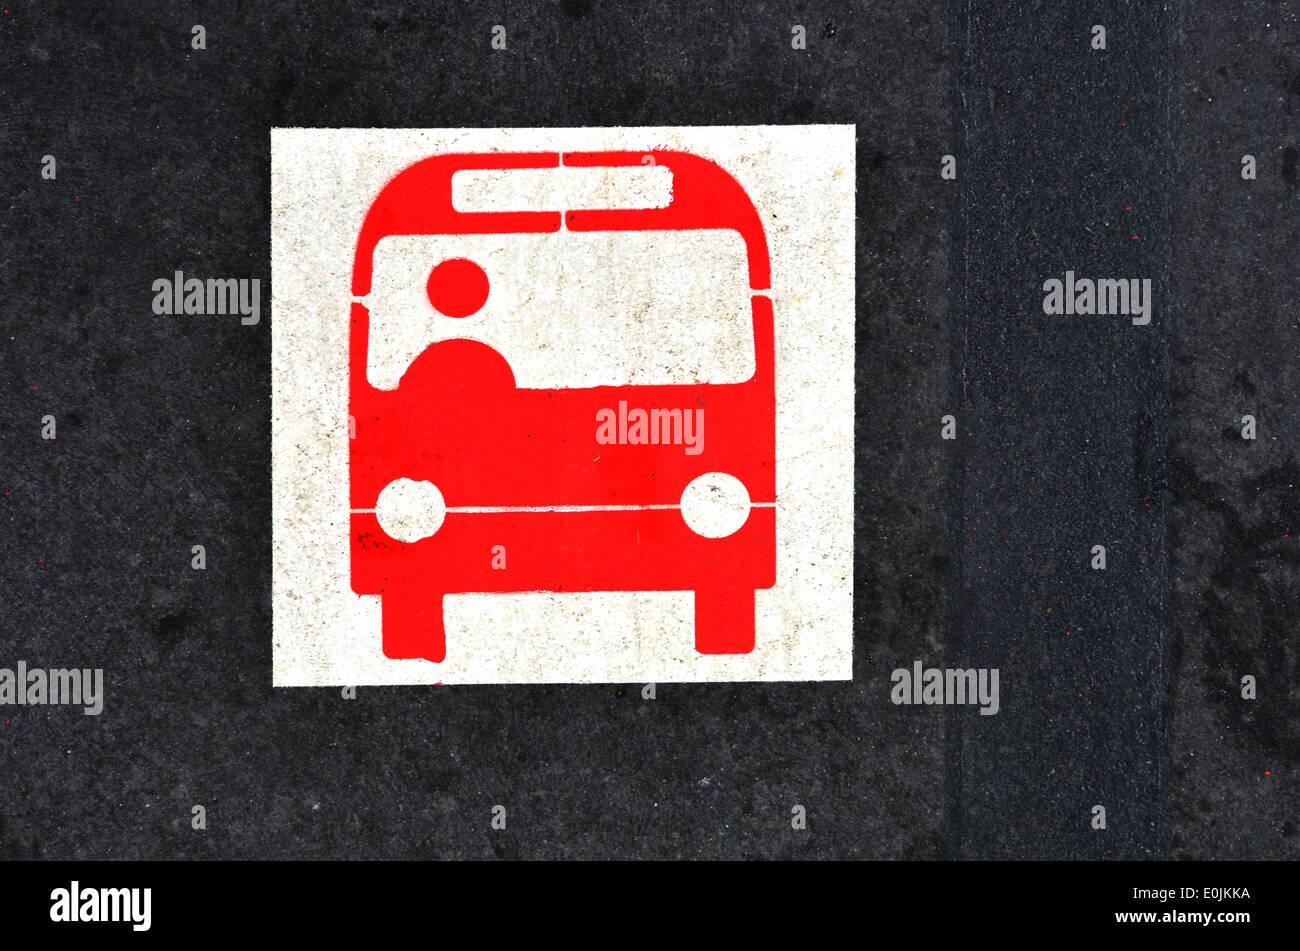 Melbourne Sign Symbol Background Stockfotos & Melbourne Sign Symbol ...